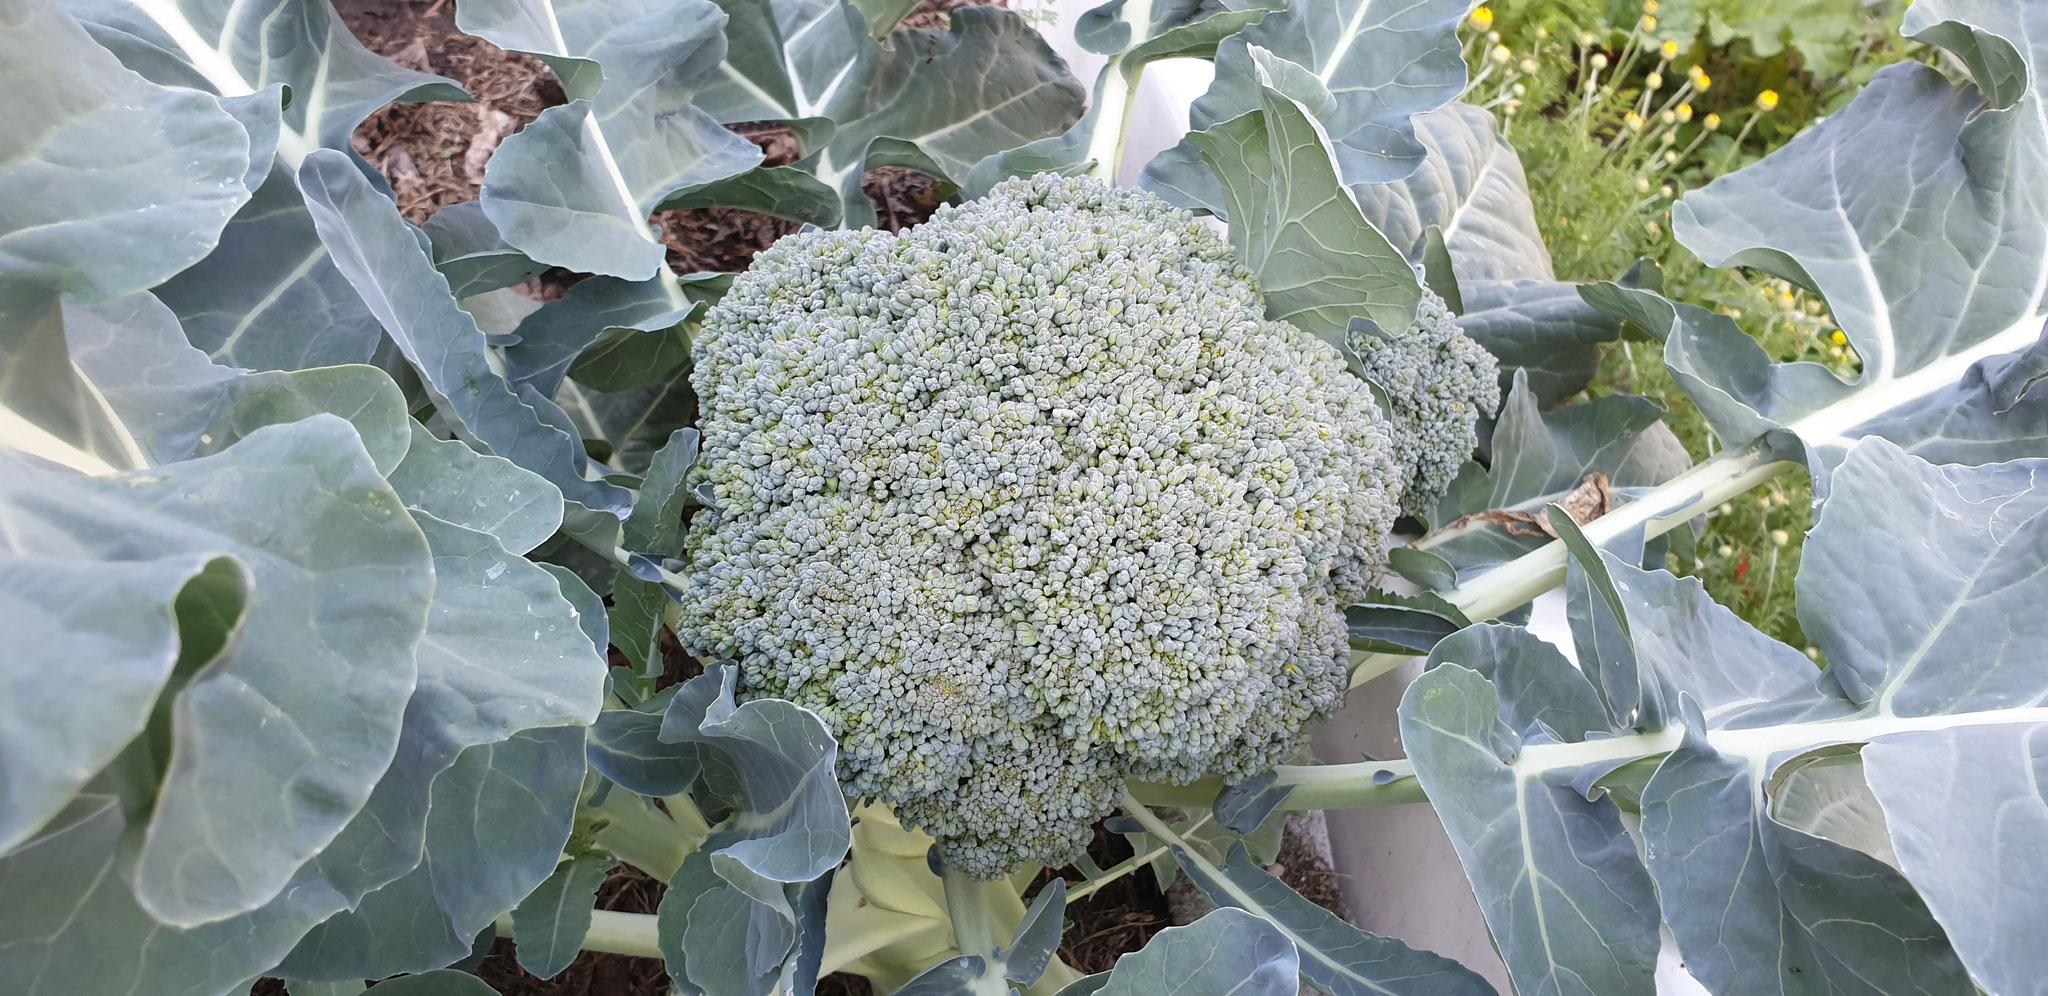 fürs erst Mal - gigantischer Broccoli